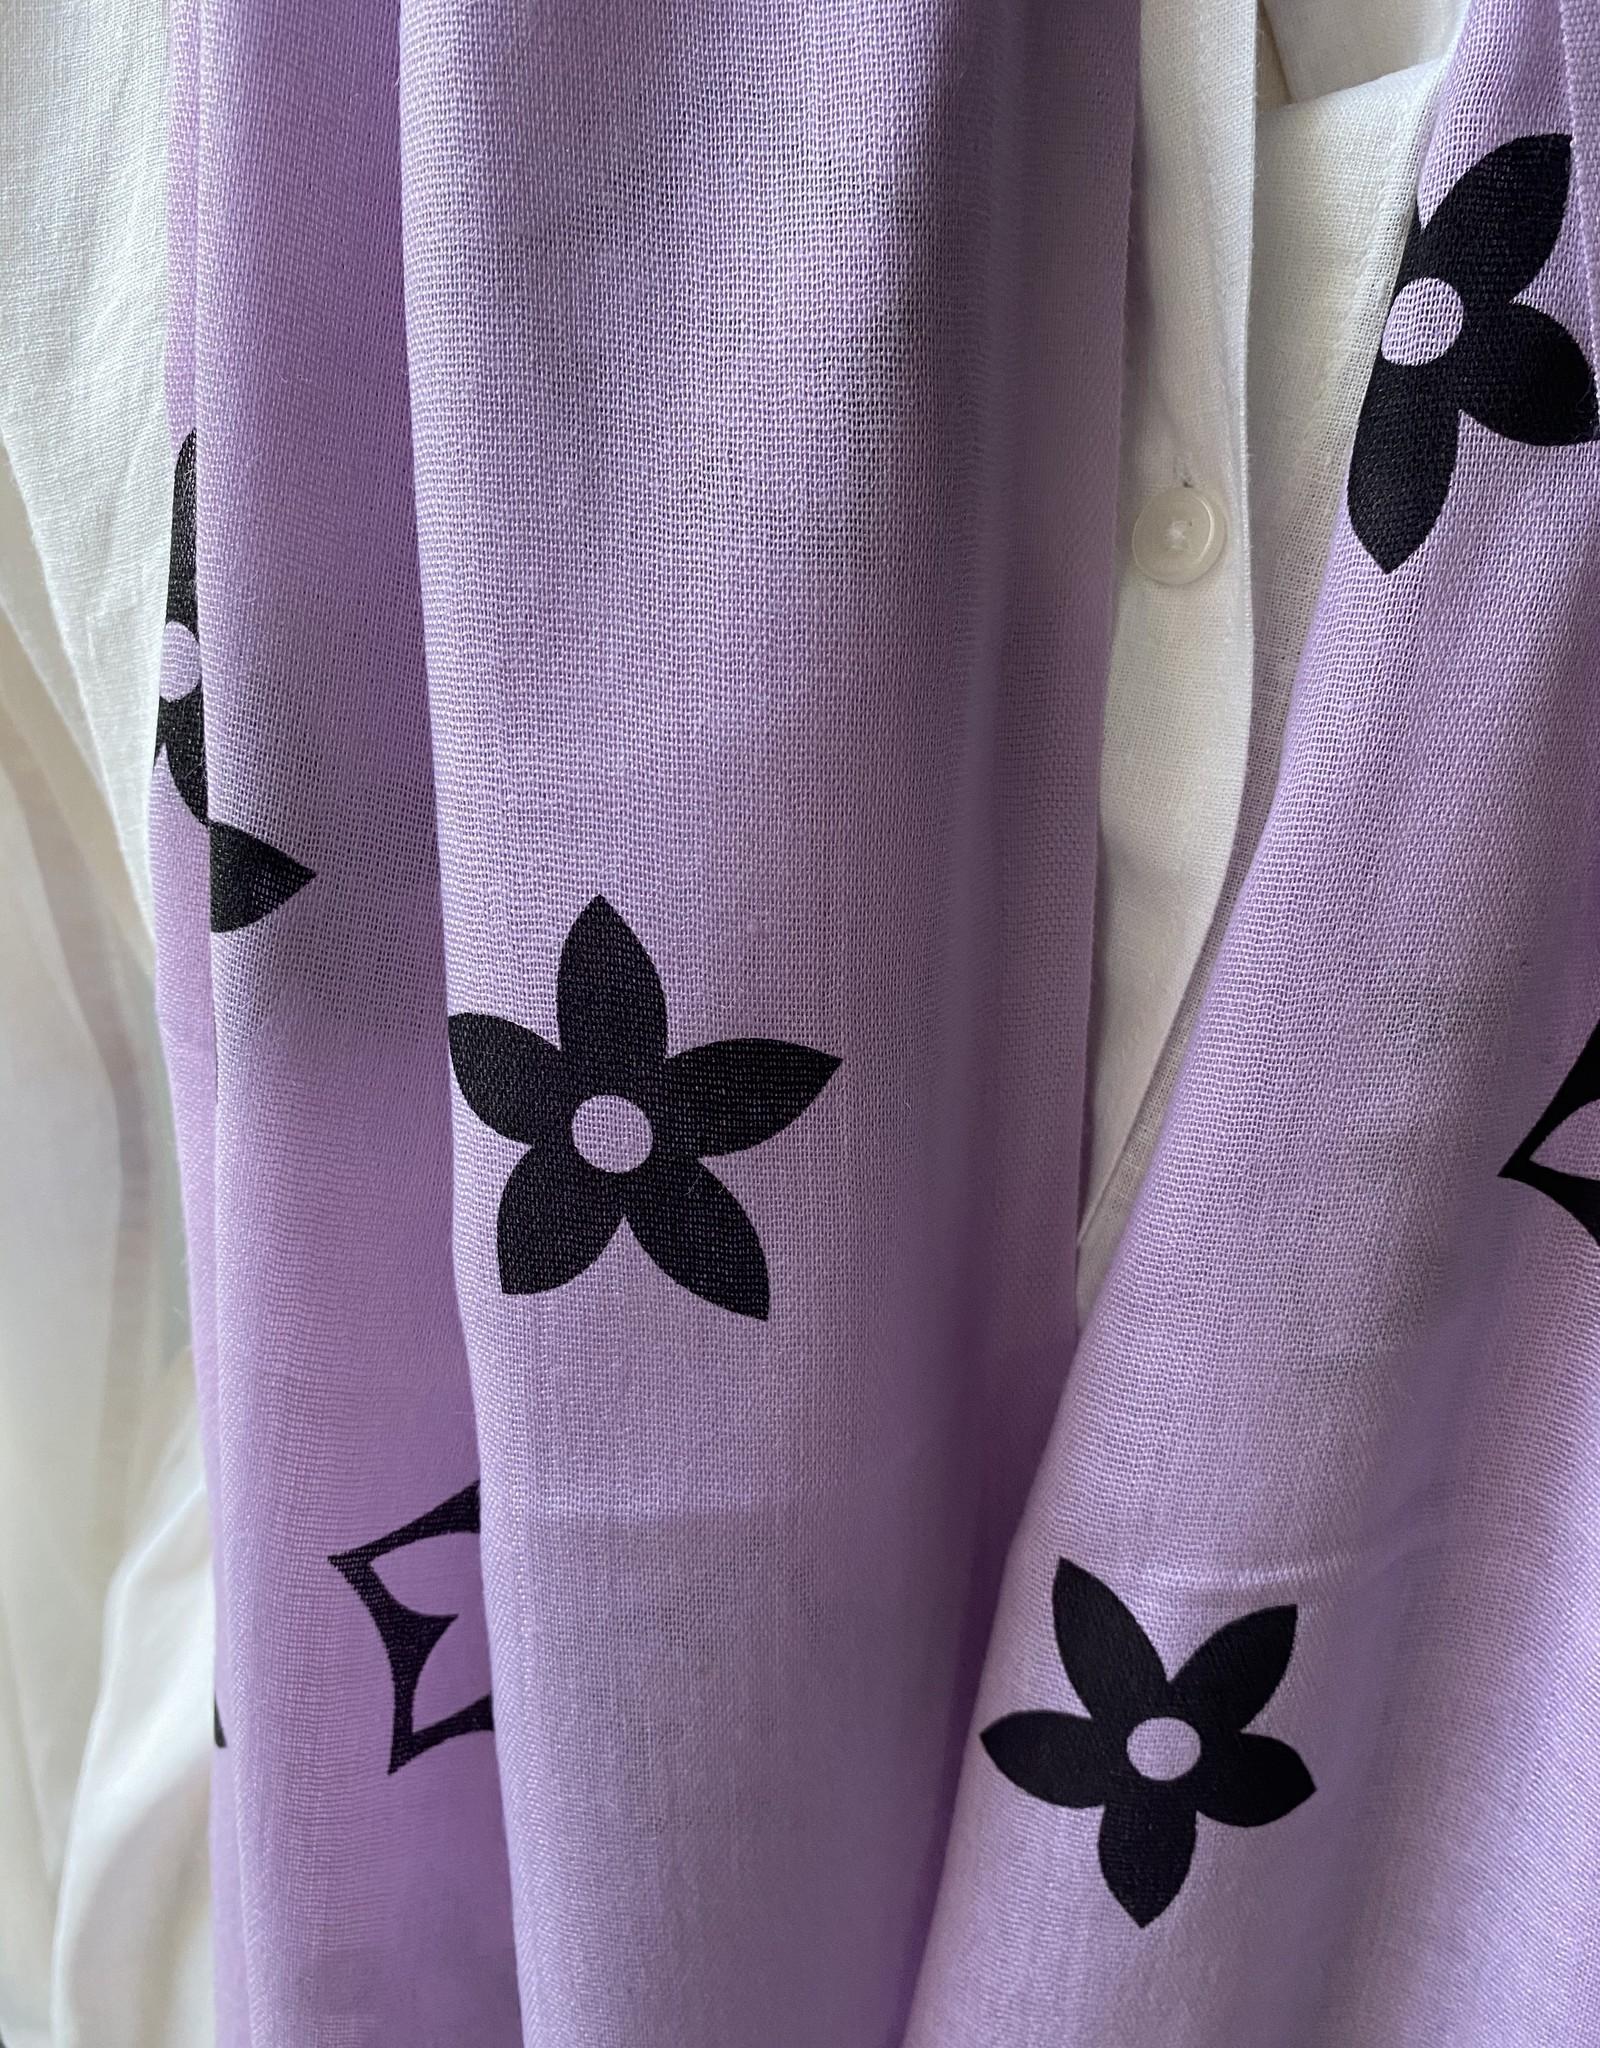 Katoenen sjaal paars met zwart logo